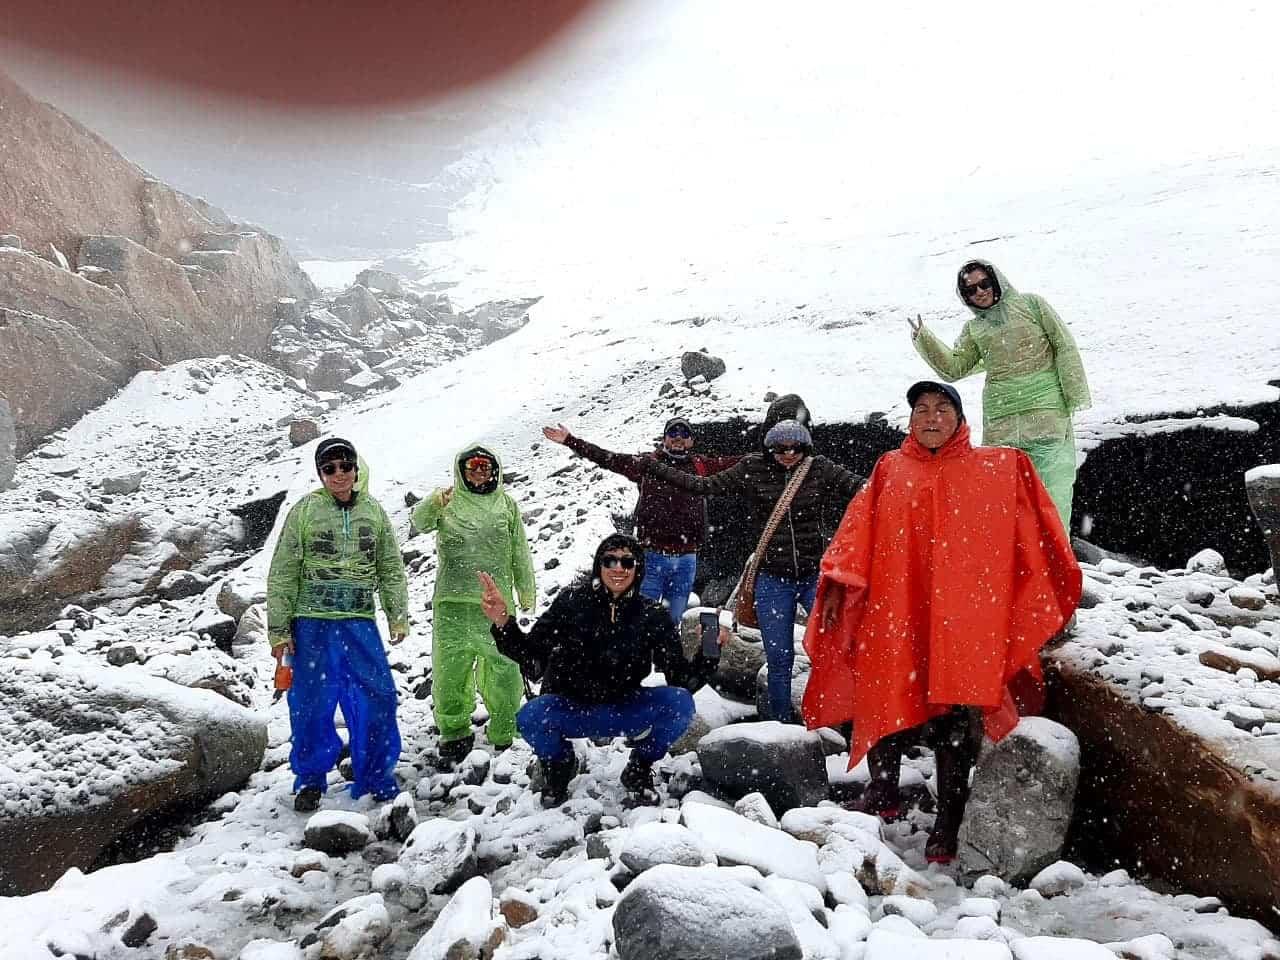 Volvió a nevar en El Cocuy, así se vivió este regalo de la naturaleza en Boyacá 1